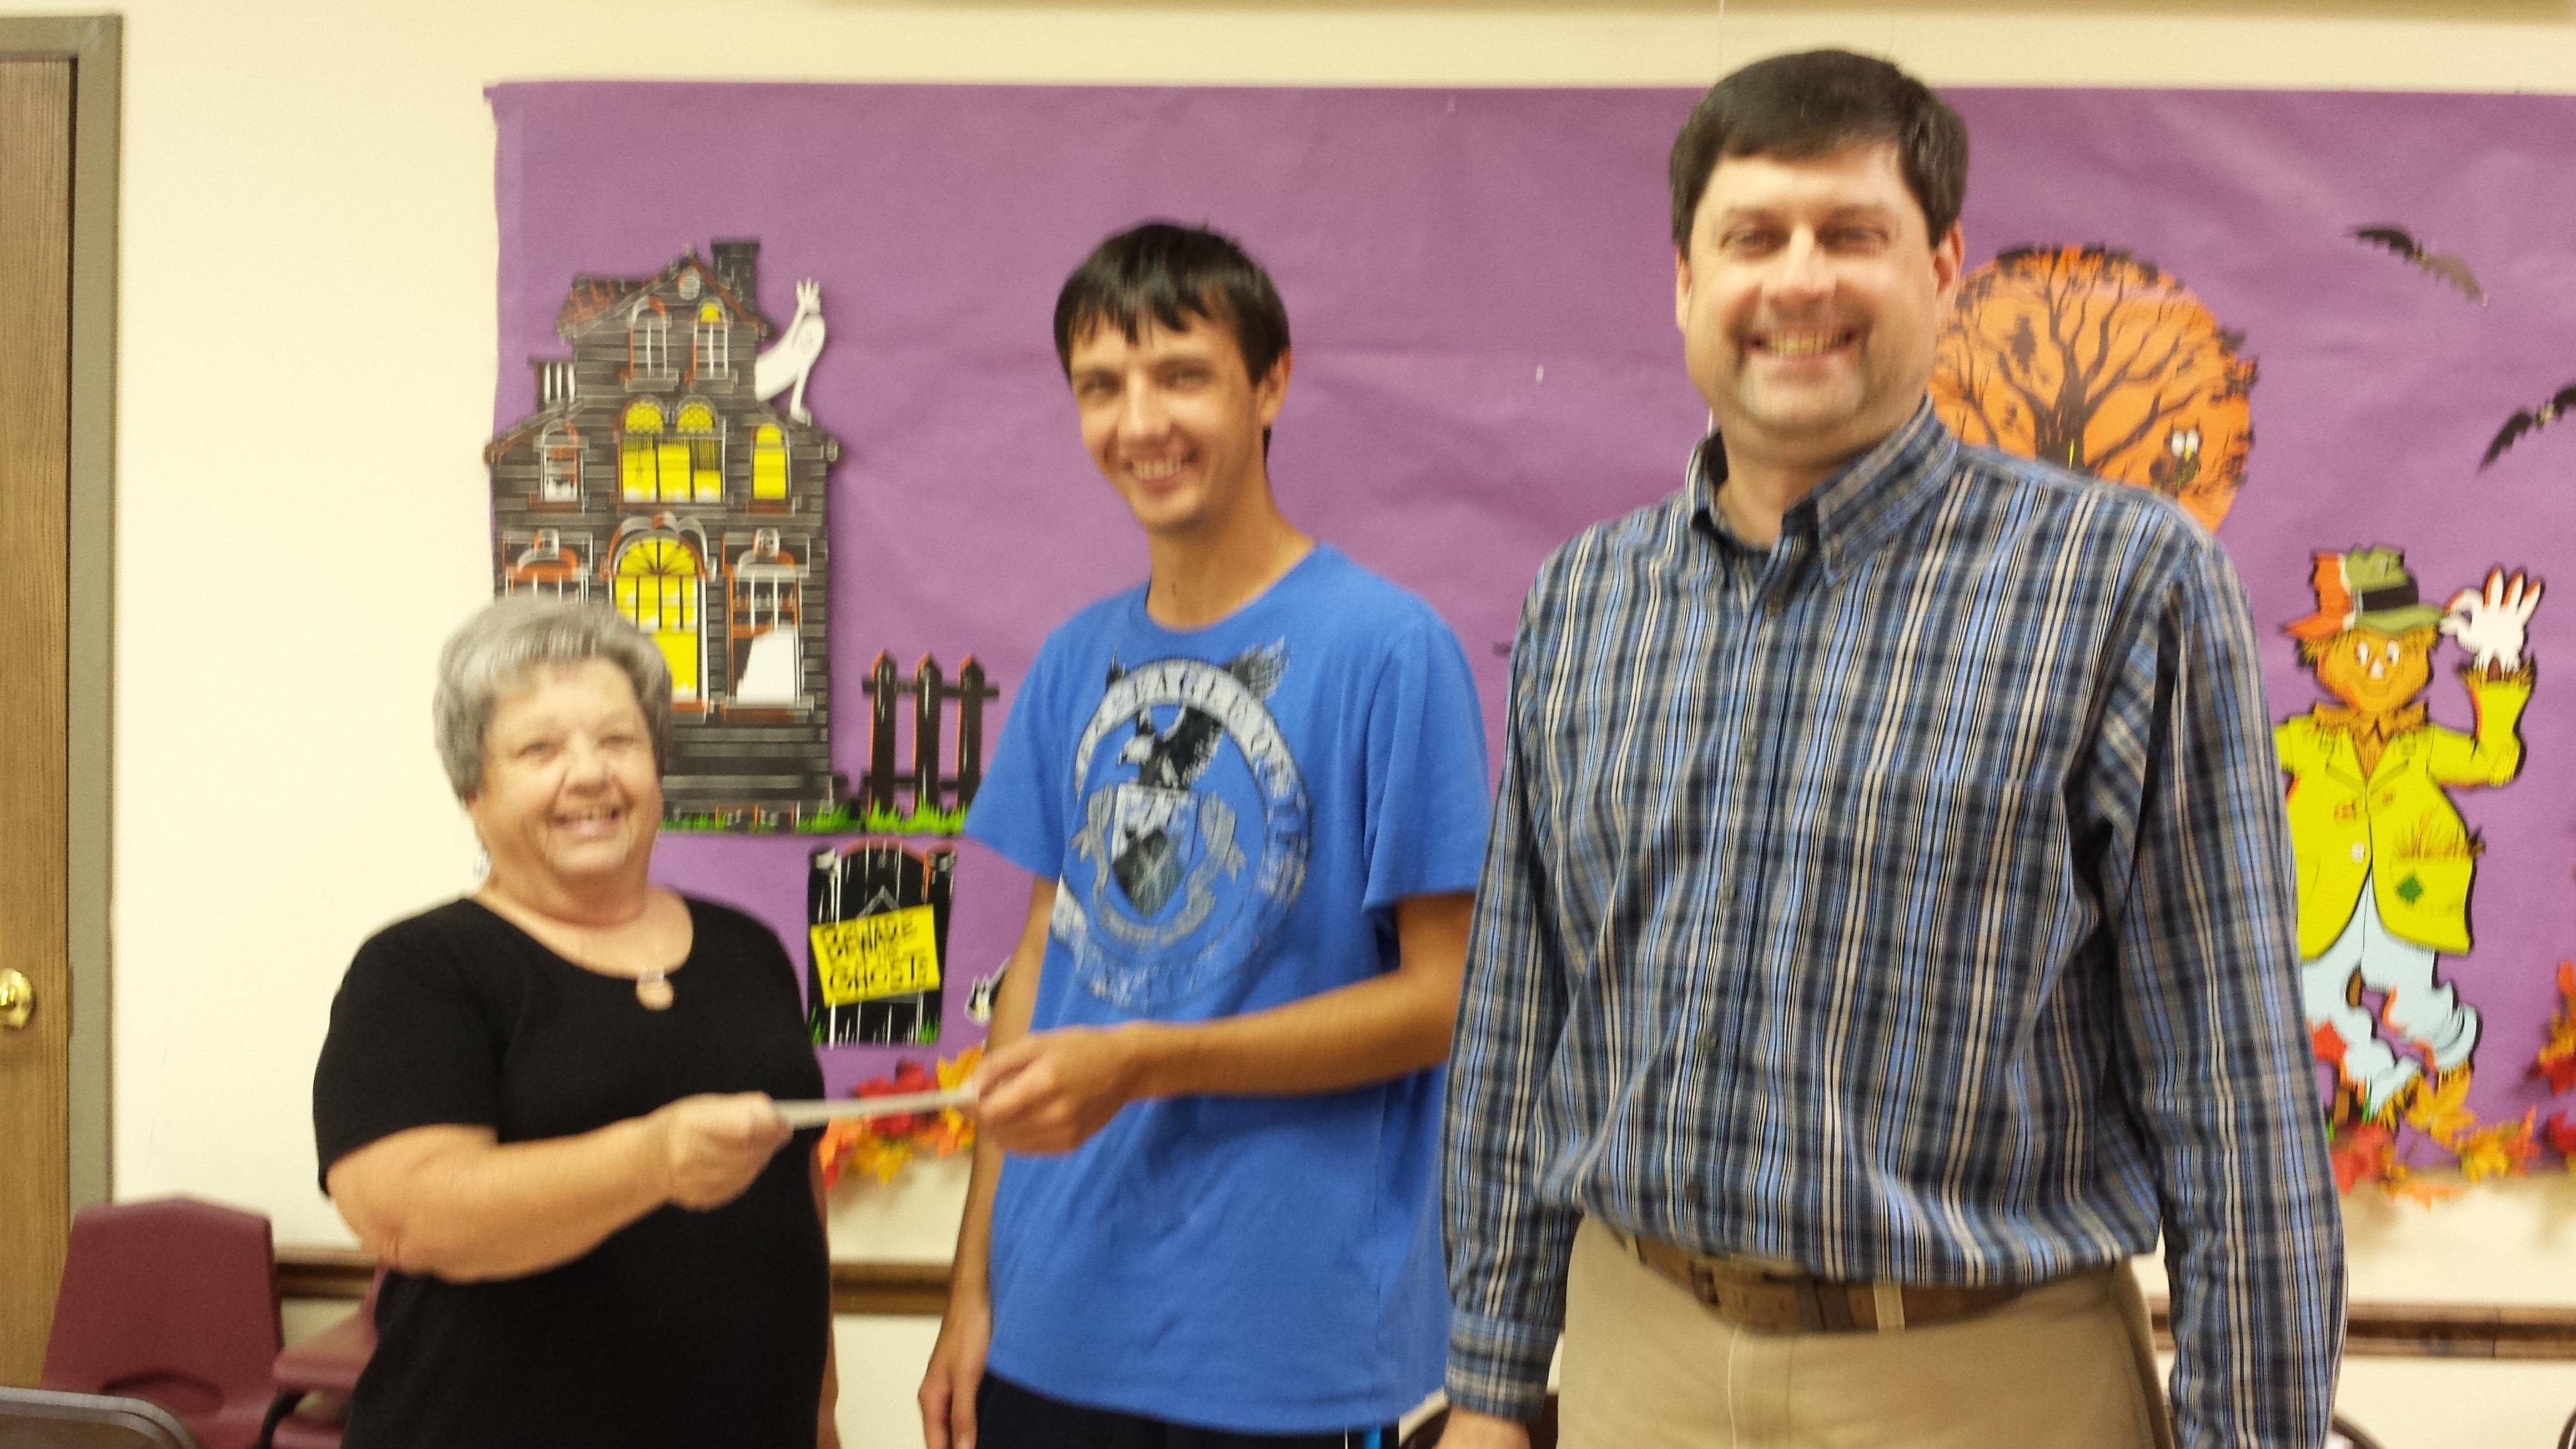 Taylor Briggs receives his scholarship money in 2013